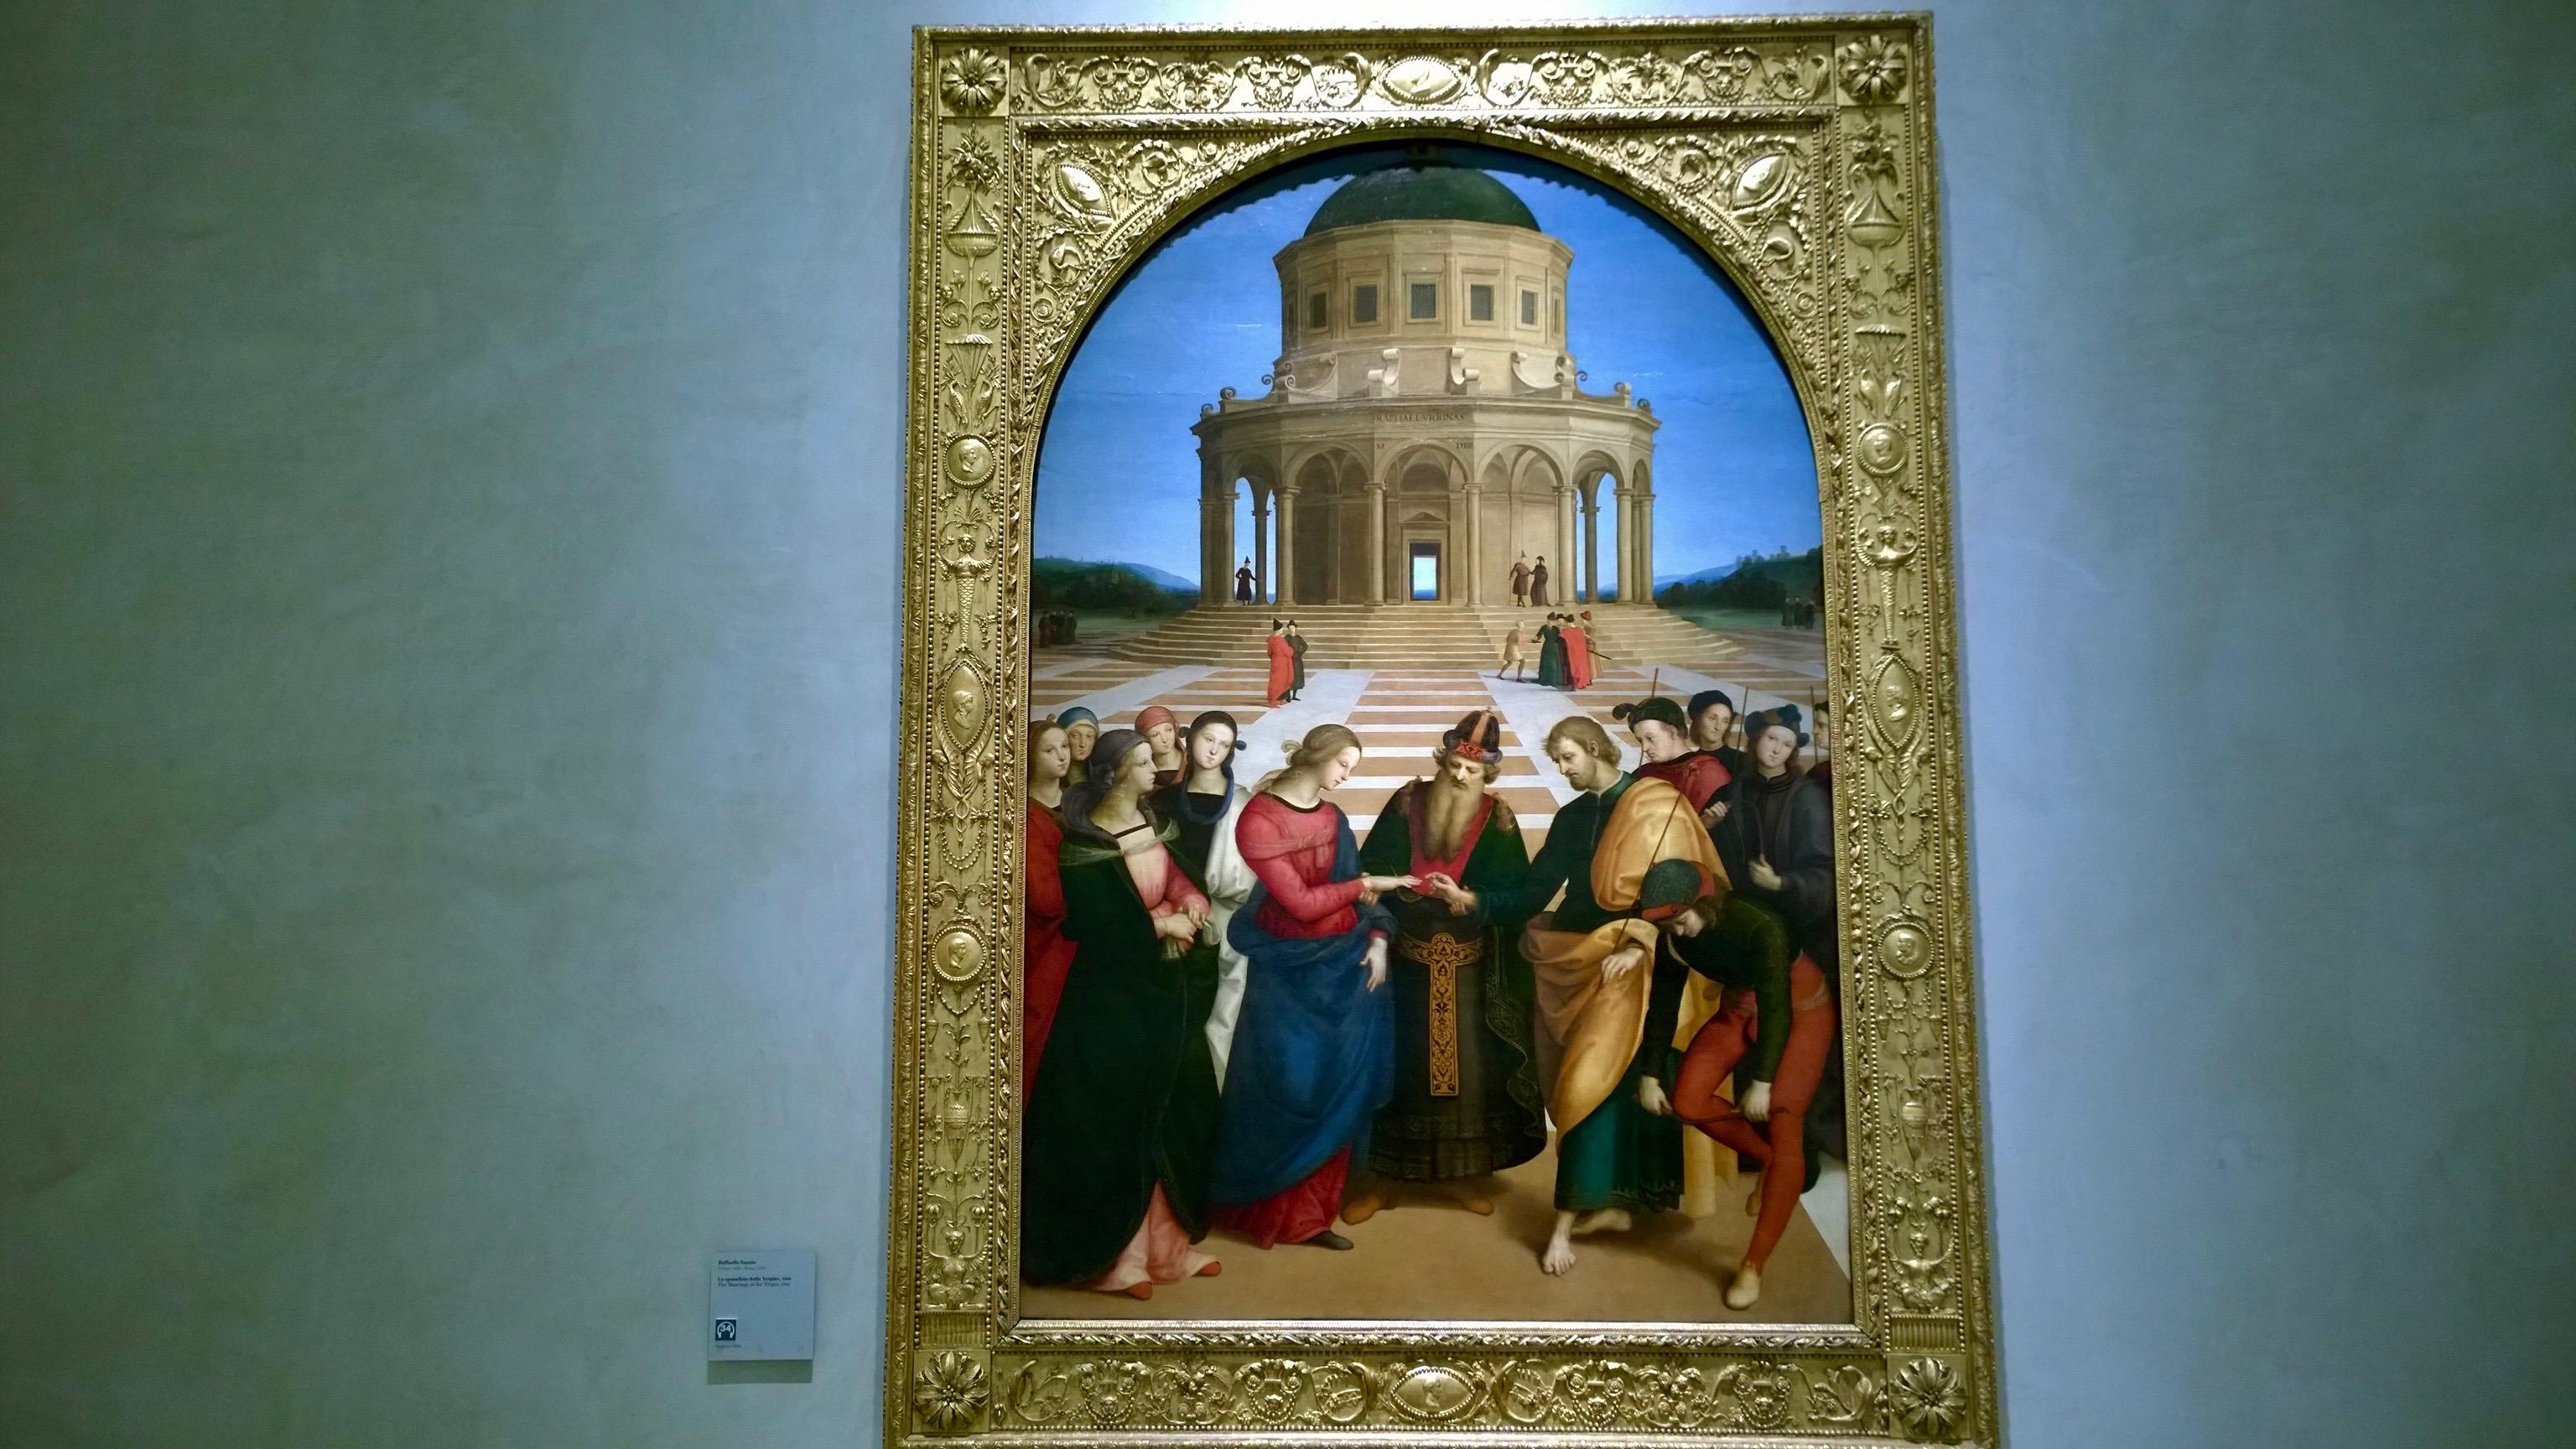 Museus em Milão Pinacoteca de Brera em Milão Rafael